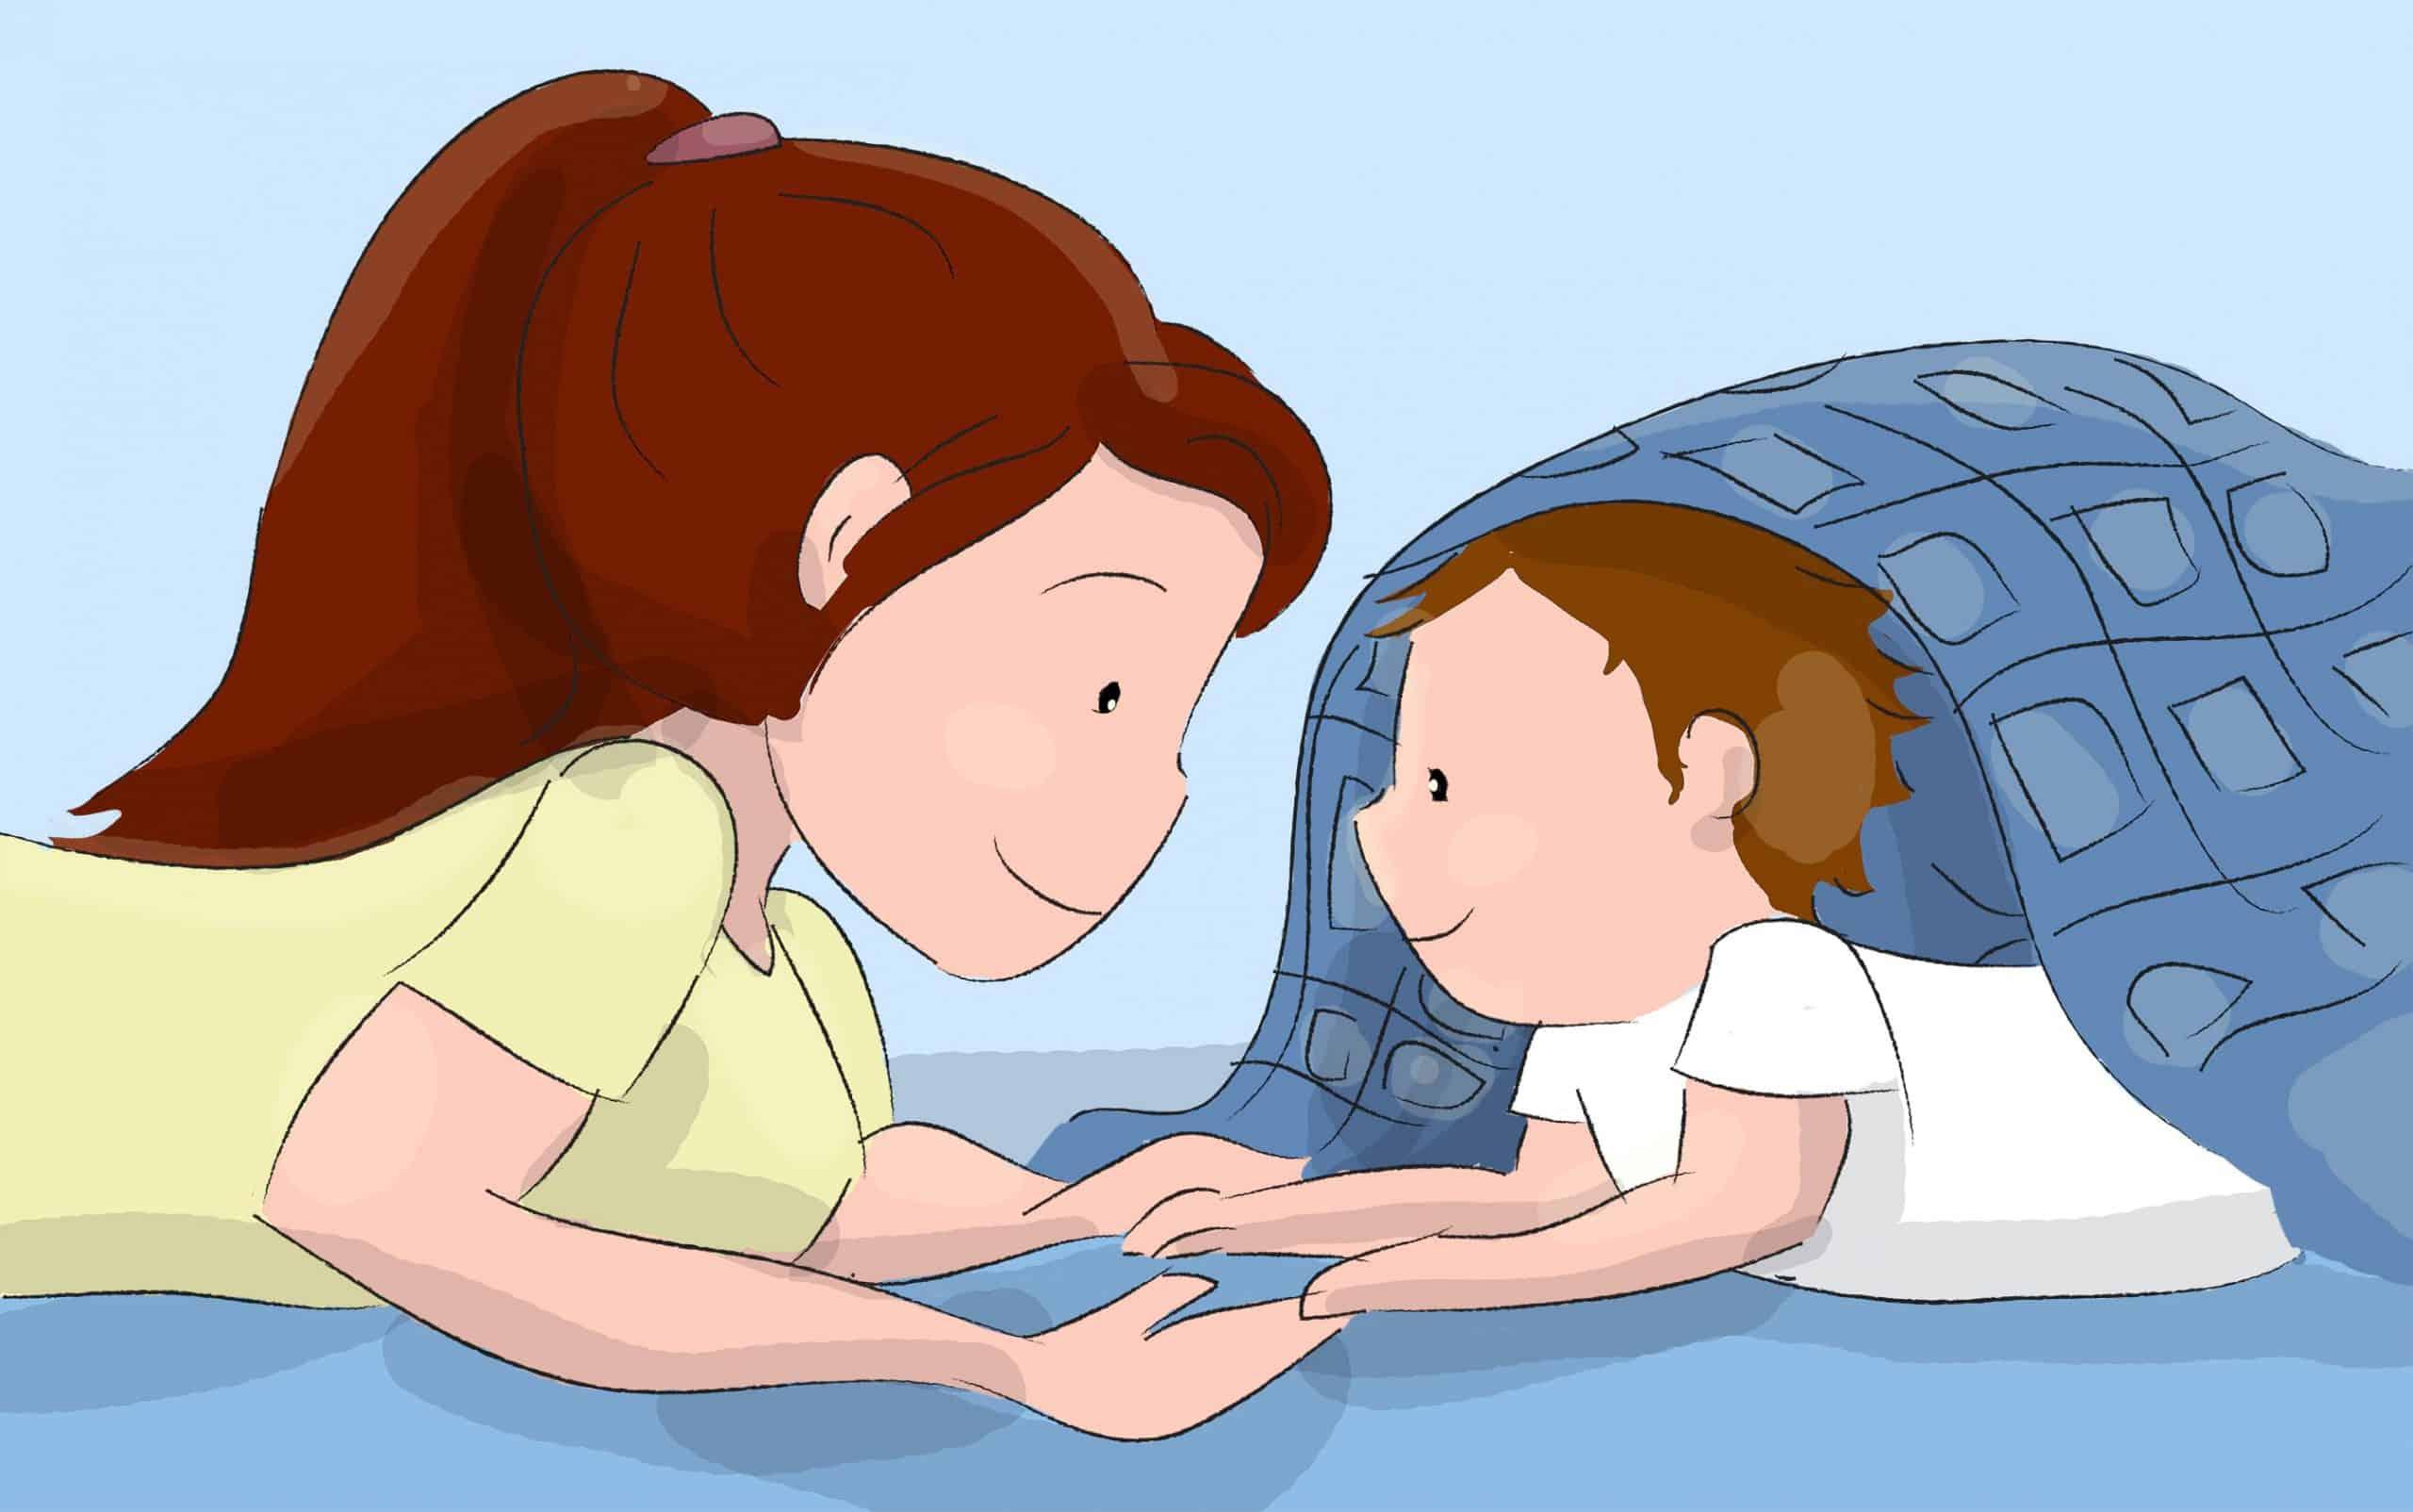 דברו אל התינוק או שירו לו